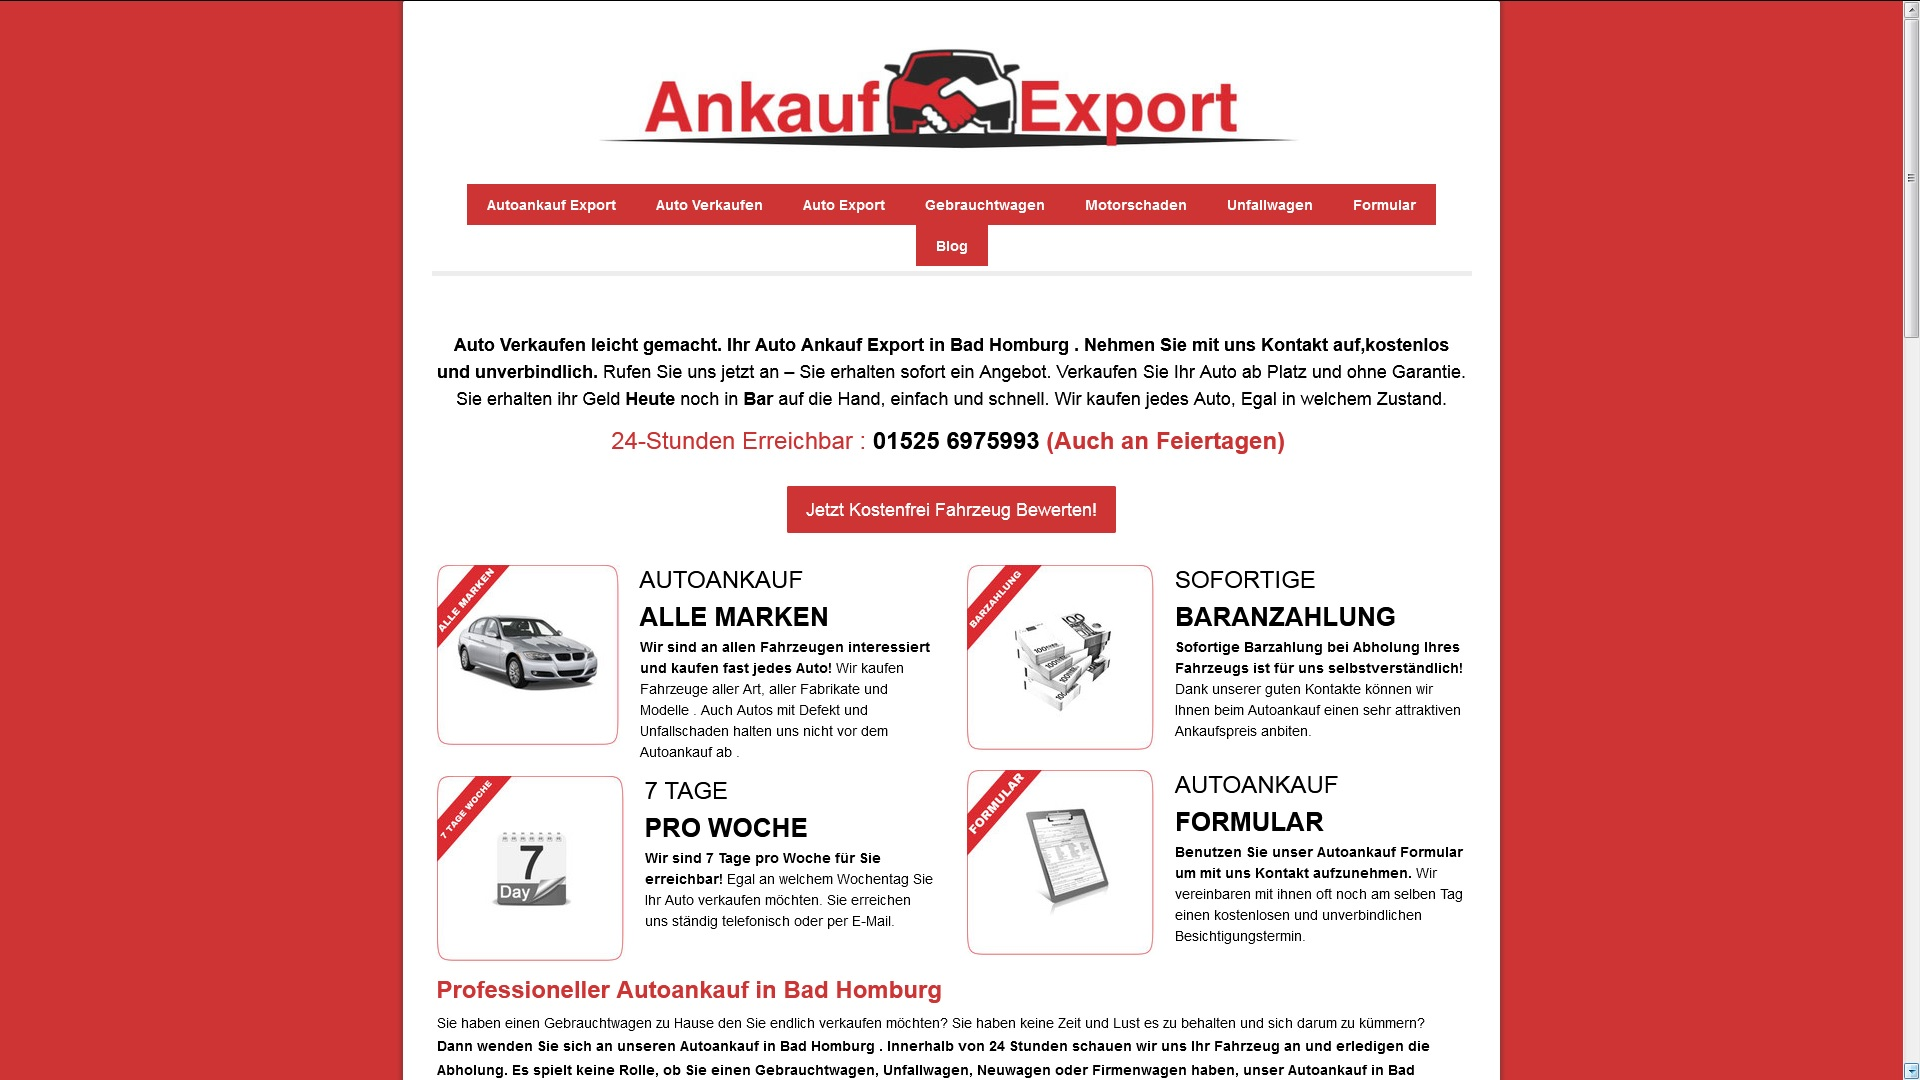 Autoankauf Aschaffenburg kauft dein Auto auch ohne TÜV Spezialisiert - Autoankauf in Aschaffenburg - Auto verkaufen in Aschaffenburg zum Höchstpreis